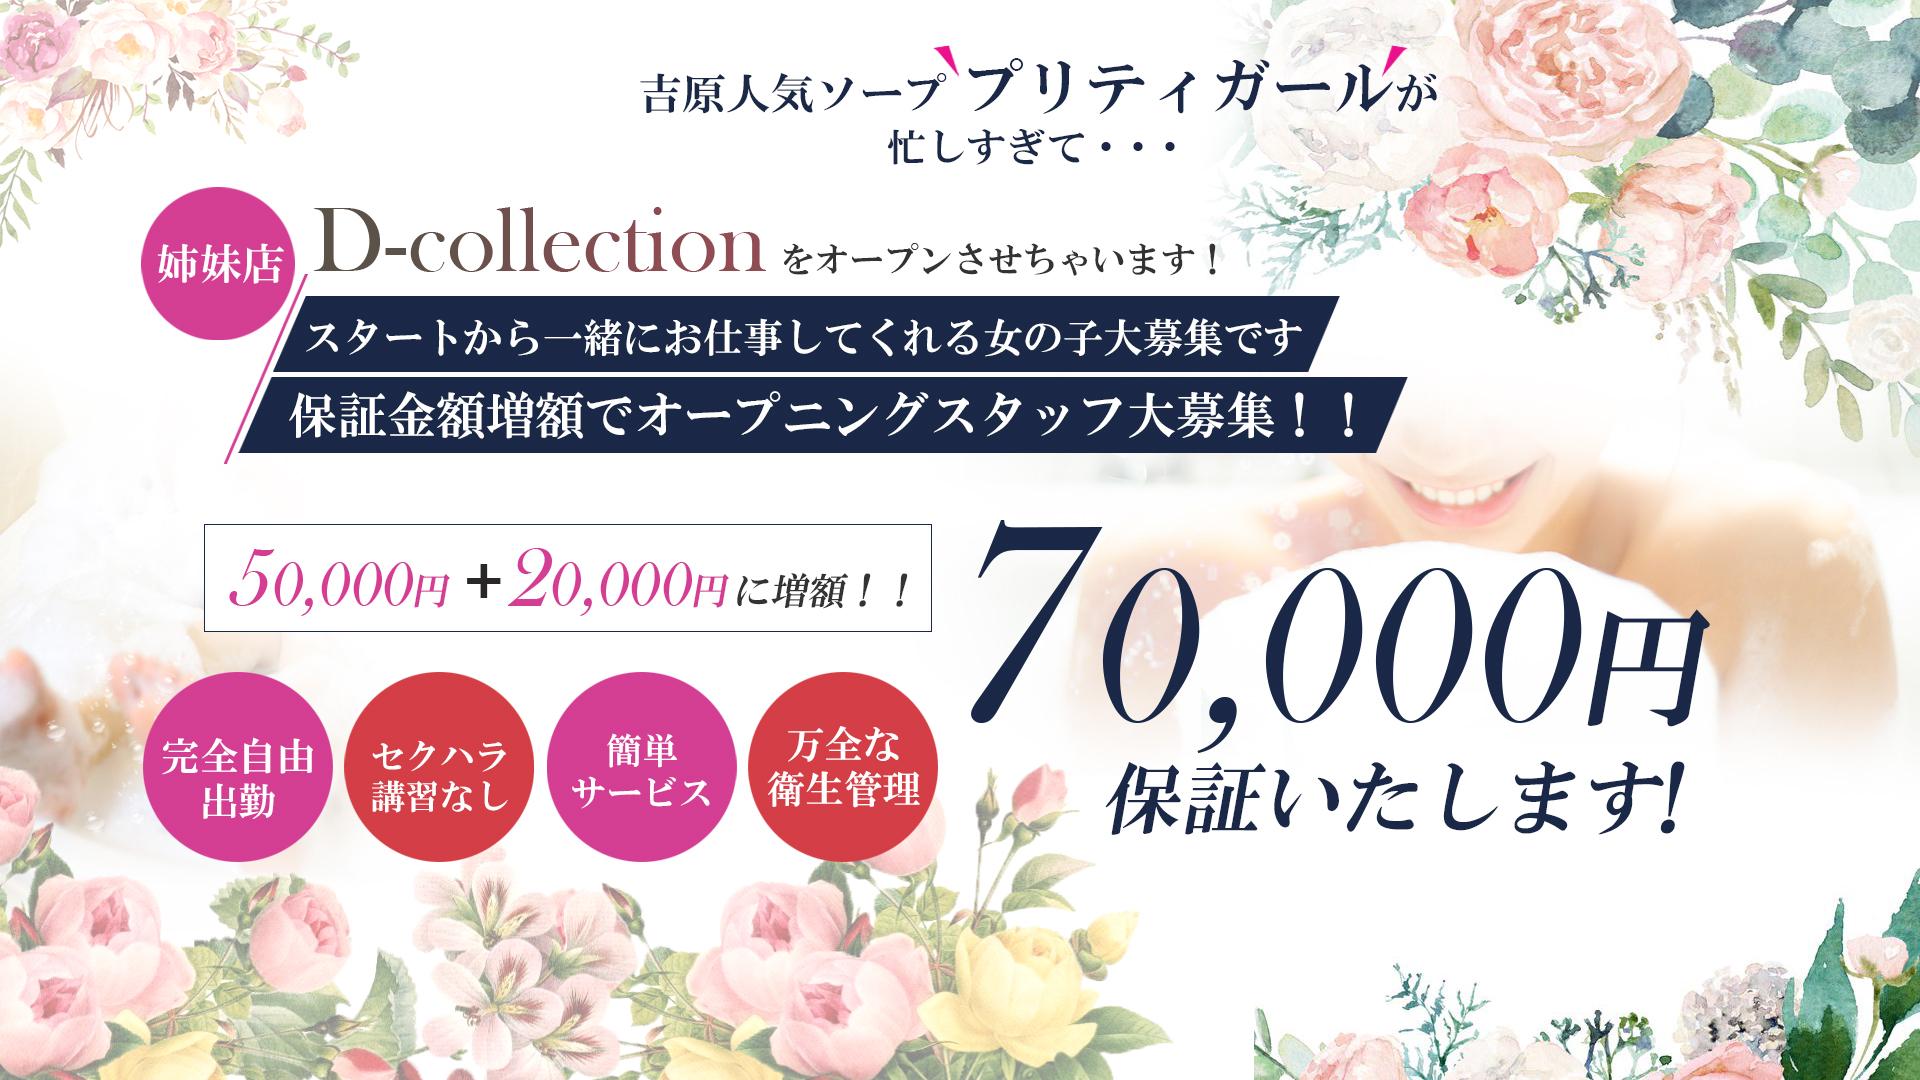 D-collection(ディ―コレクション)の求人画像